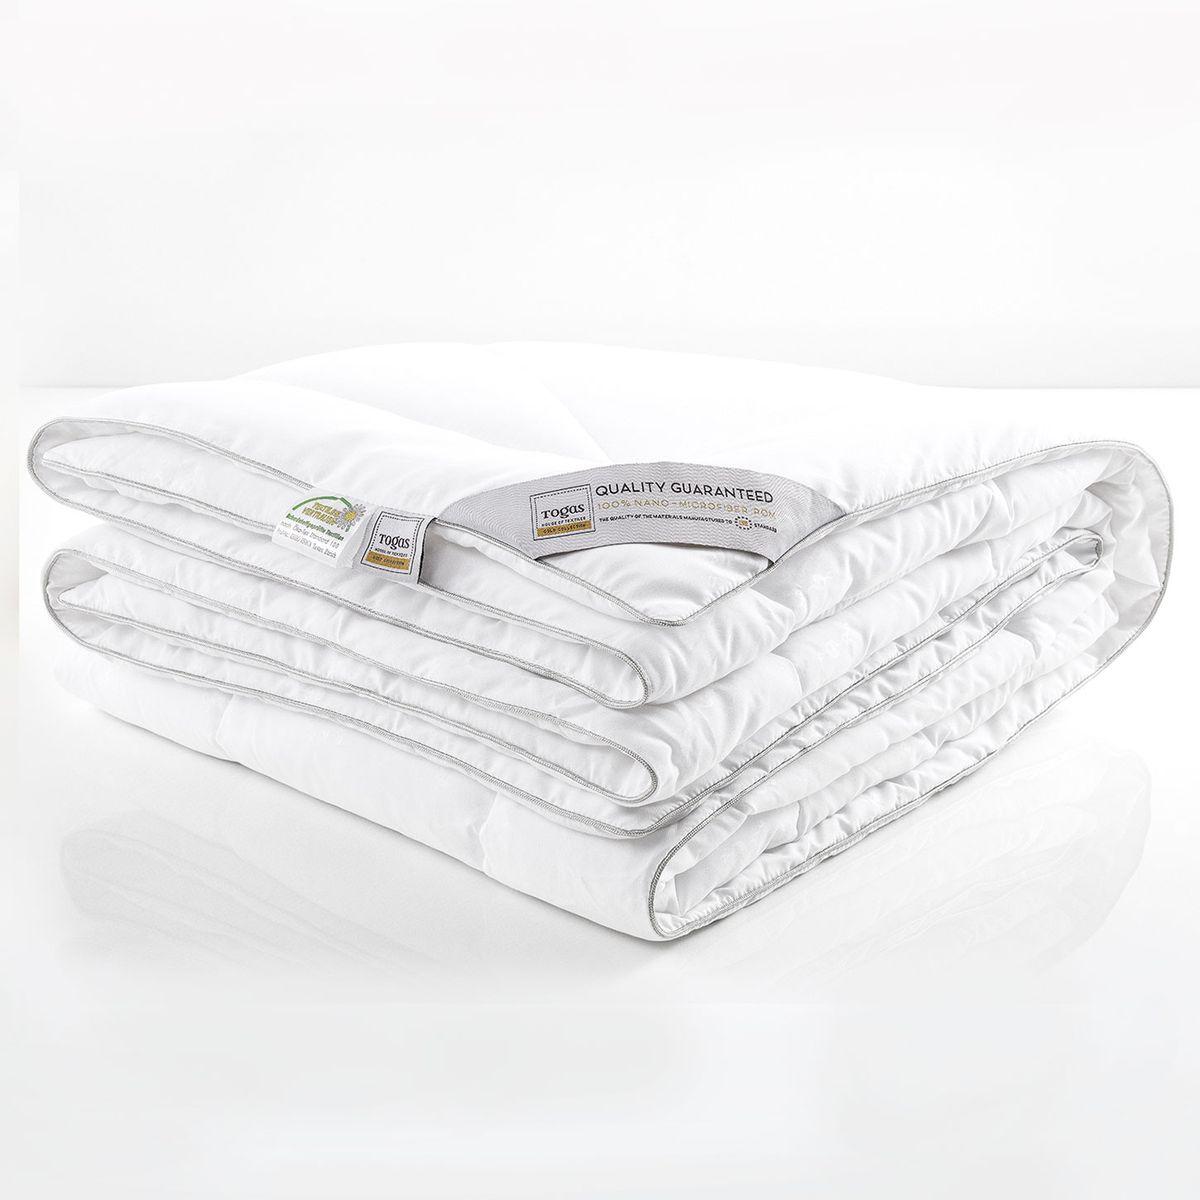 """Одеяло Нано микрофайбер с микрогранулами нано, 140 х 200 см. 20.04.12.001301787-20.000.00Комфортная темпетатура тела во время сна - важная составляющая комфорта. В идеальных условиях тело расслабляется и по-настоящему отдыхает, как результат - Вы просыпаетесь отдохнувшим и бодрым, готовым к новым свершениям. """"Микрофайбер с микрогранулами НАНО"""" - одеяло с """"климатконтролем"""". Оно «подстраивается» под различные температурные условия, регулируя температуру тела во время сна и наполняя Вас ощущением легкости и комфорта."""